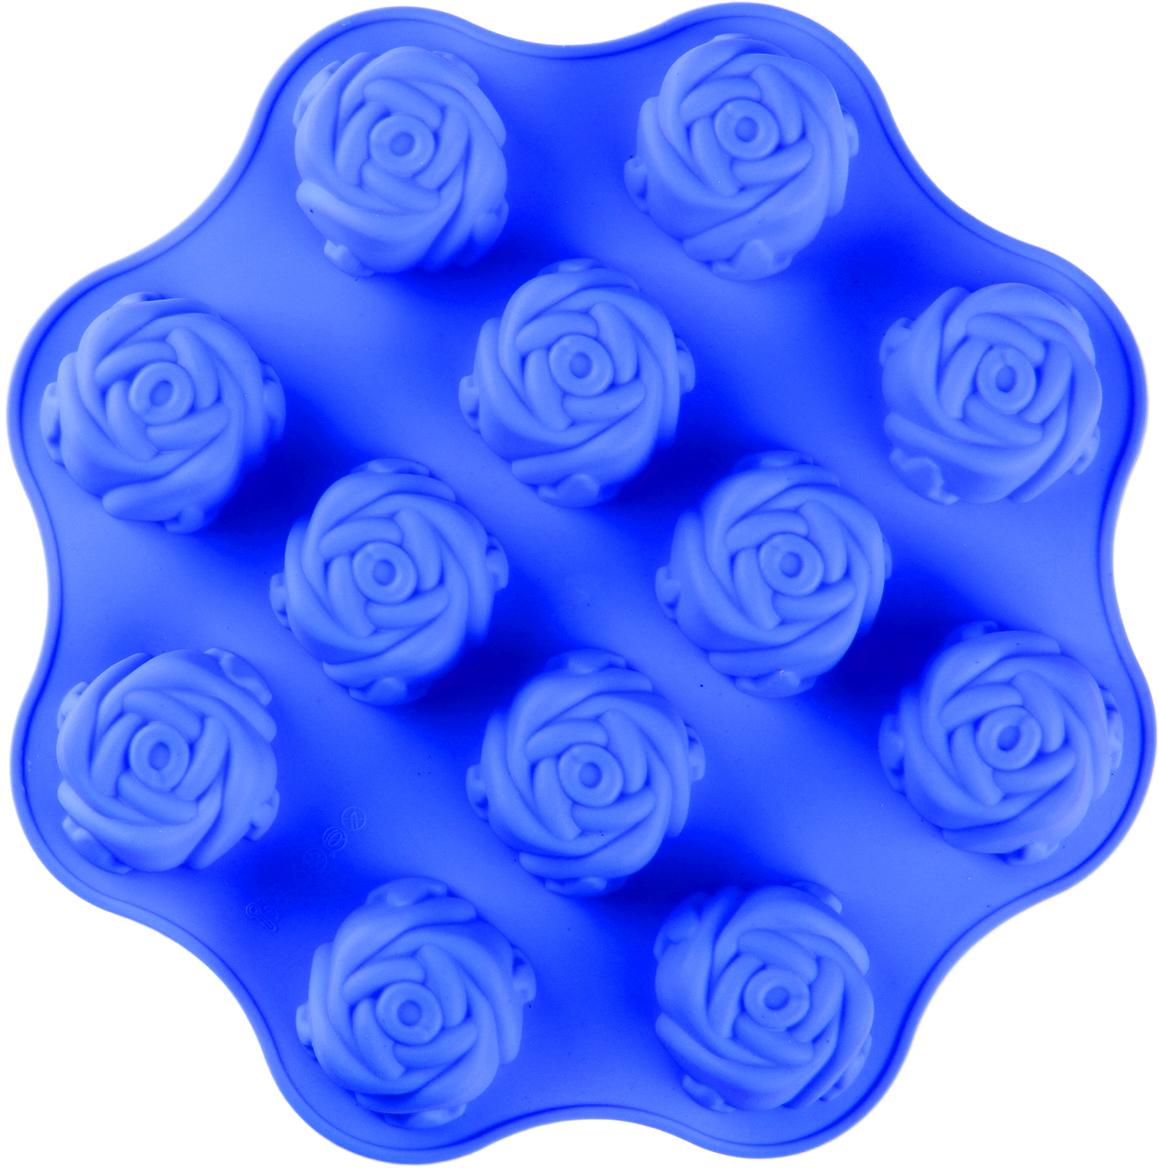 Форма для выпечки Доляна Море роз, цвет: синий, 12 ячеек, 25 х 25 х 3 см1000374_синийФорма для выпечки из силикона — современное решение для практичных и радушных хозяек. Оригинальный предмет позволяет готовить вкуснейшую выпечку — кексы, запеканки и печенье. Почему это изделие должно быть на кухне? блюдо сохраняет нужную форму и легко отделяется от стенок после приготовления; высокая термостойкость (от –40 до 230 ?) позволяет применять форму в духовых шкафах и морозильных камерах; небольшая масса делает эксплуатацию предмета простой даже для хрупкой женщины; силикон пригоден для посудомоечных машин; высокопрочный материал делает форму долговечным инструментом; при хранении предмет занимает мало места. Советы по использованию формы Перед первым применением промойте предмет теплой водой. В процессе приготовления используйте кухонный инструмент из дерева, пластика или силикона. Перед извлечением блюда из силиконовой формы дайте ему немного остыть, осторожно отогните края предмета. Готовьте с удовольствием!